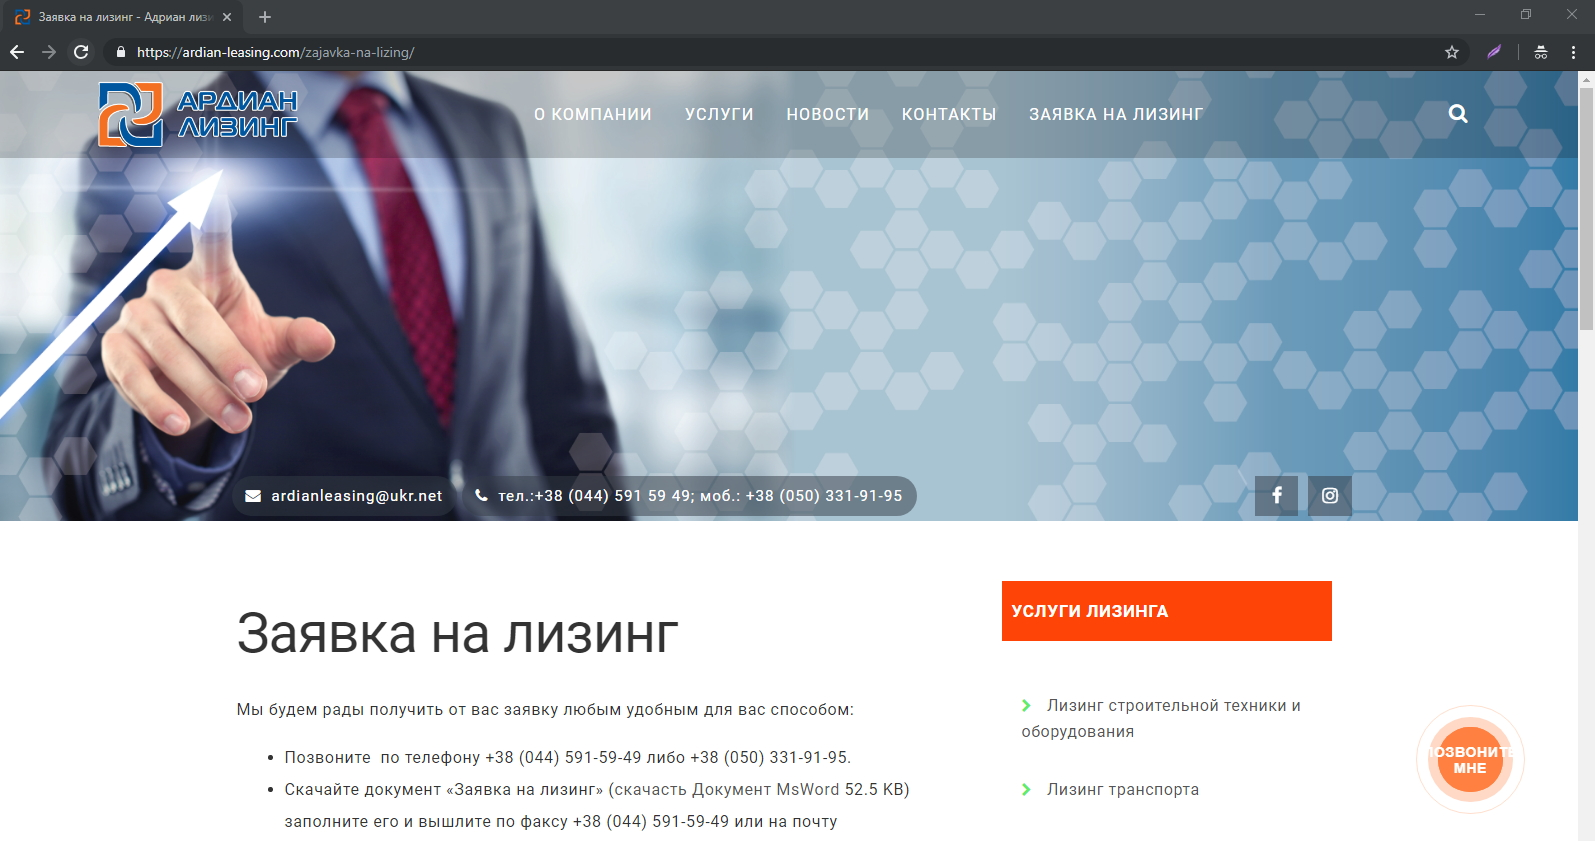 Разработка и техническая поддержка web-сайта компании Ардиан-Лизинг - Заявка на лизинг